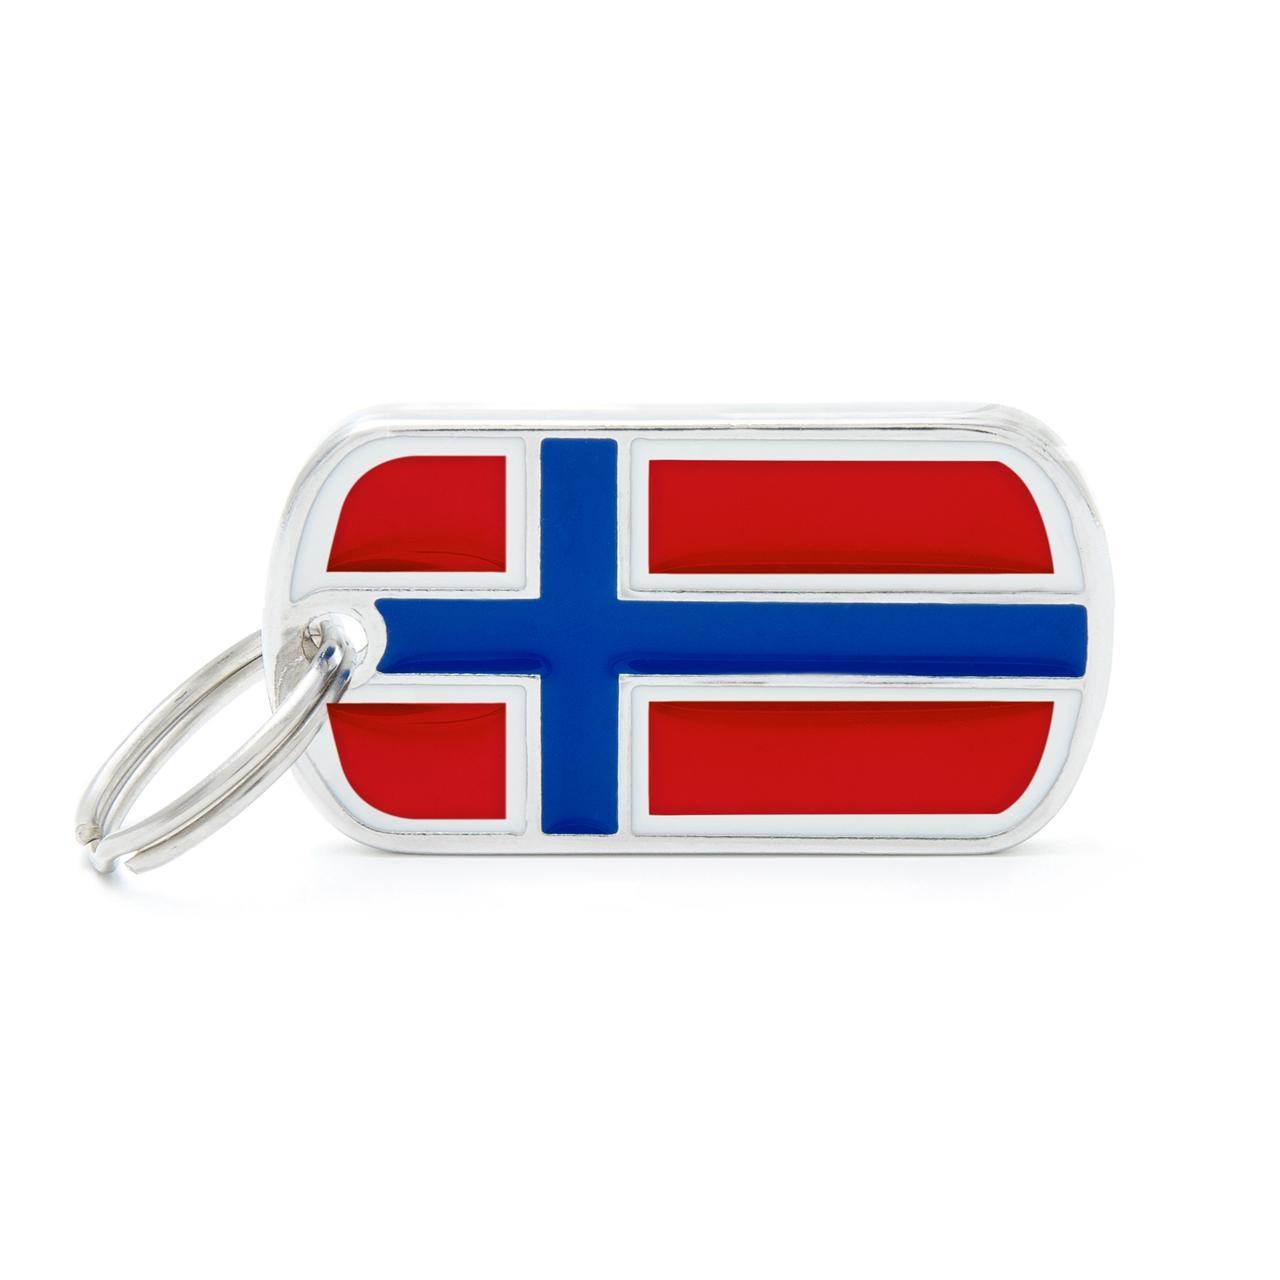 Placa Bandera de Noruega